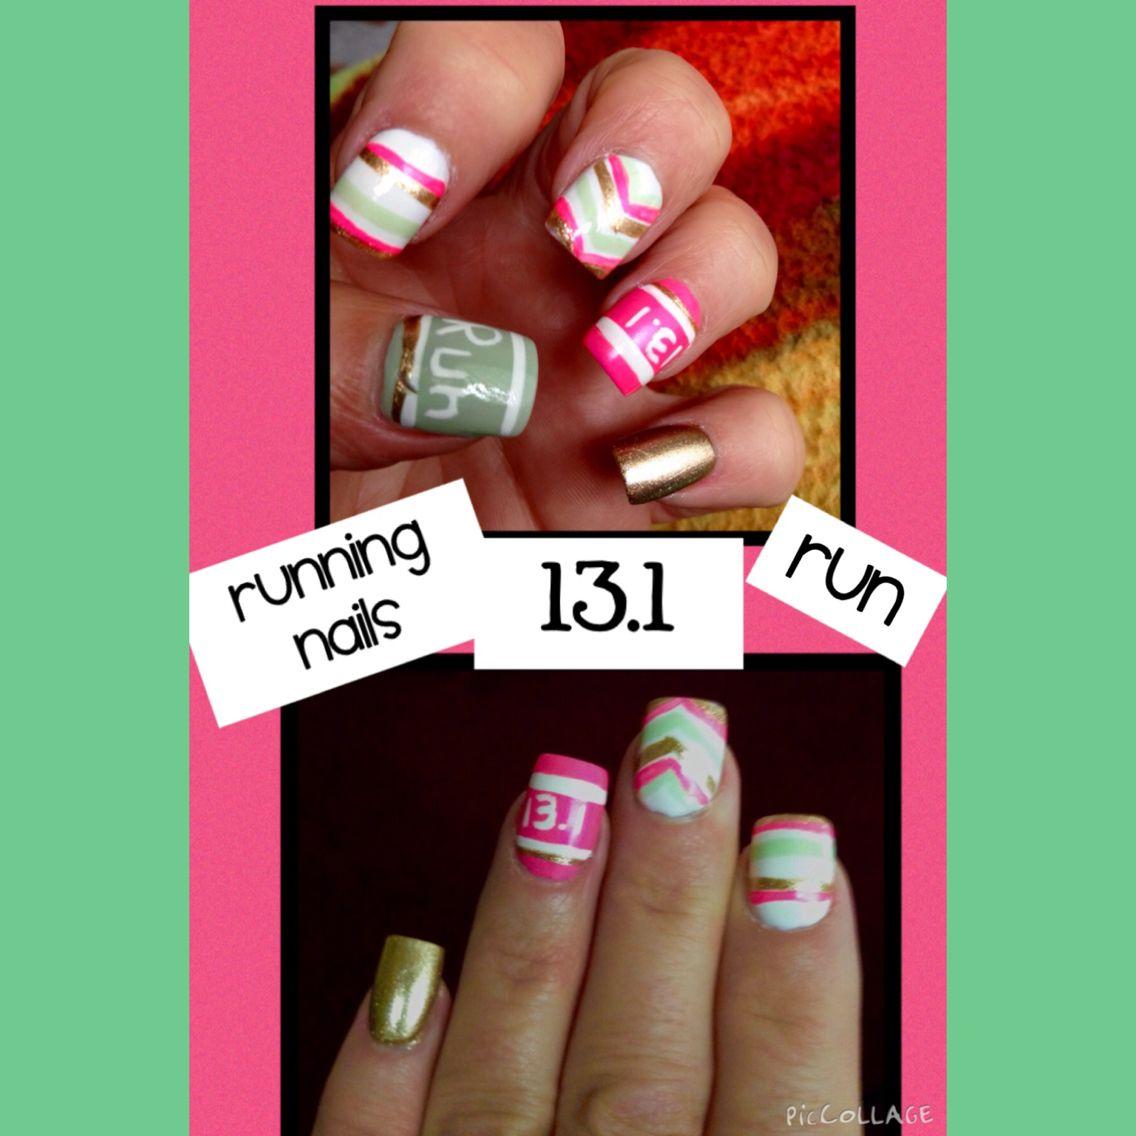 Running nail art 13.1 half marathon nails by Native Nails Ishpeming ...